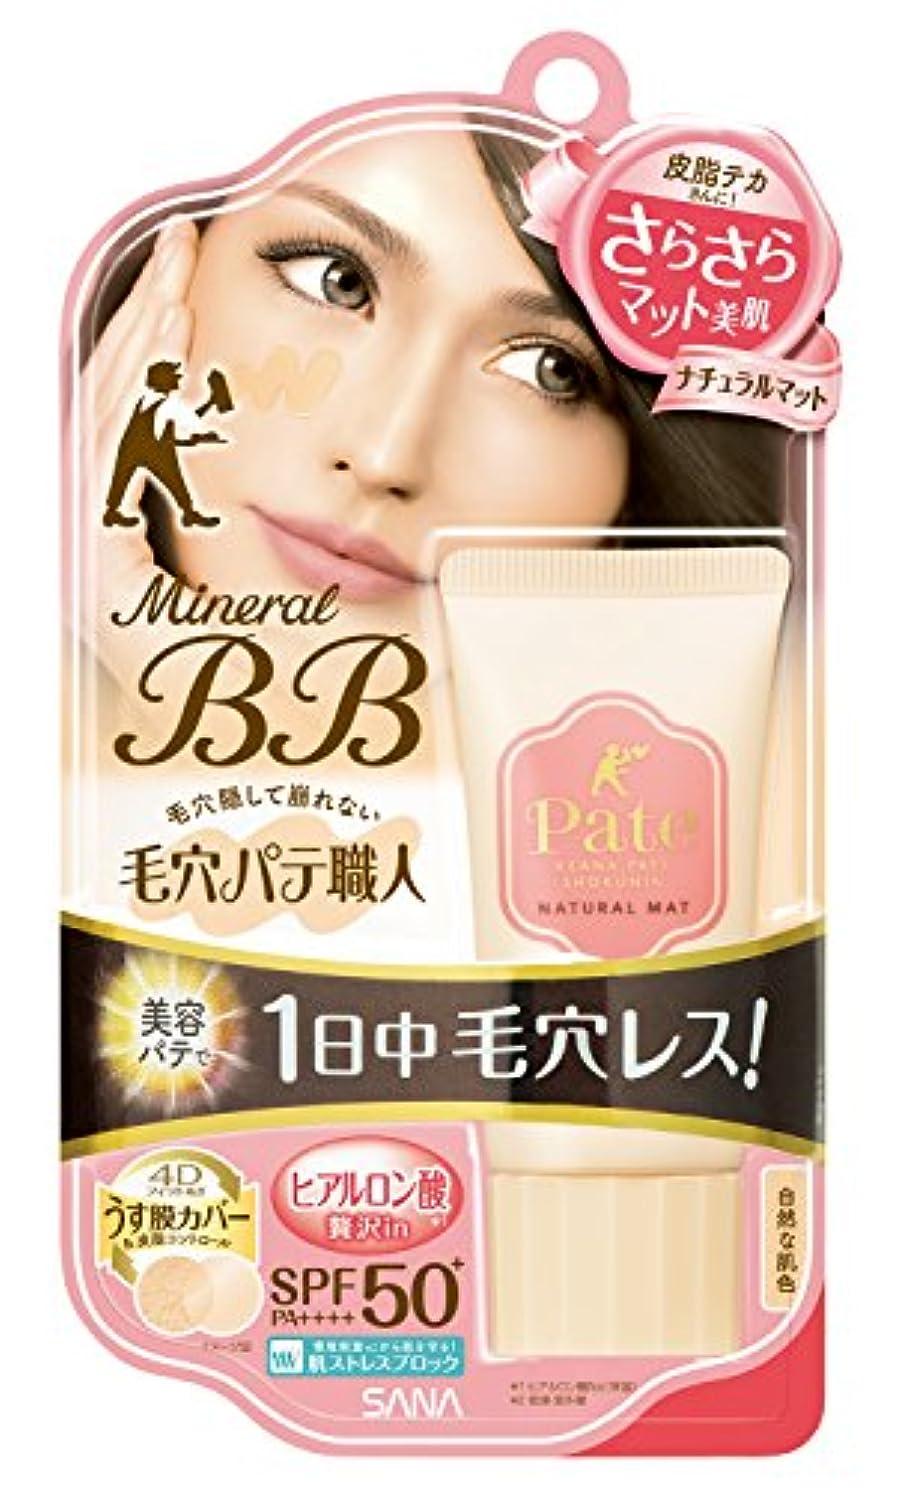 イベント十二暴露毛穴パテ職人 ミネラルBBクリーム ナチュラルマット 自然な肌色 30g